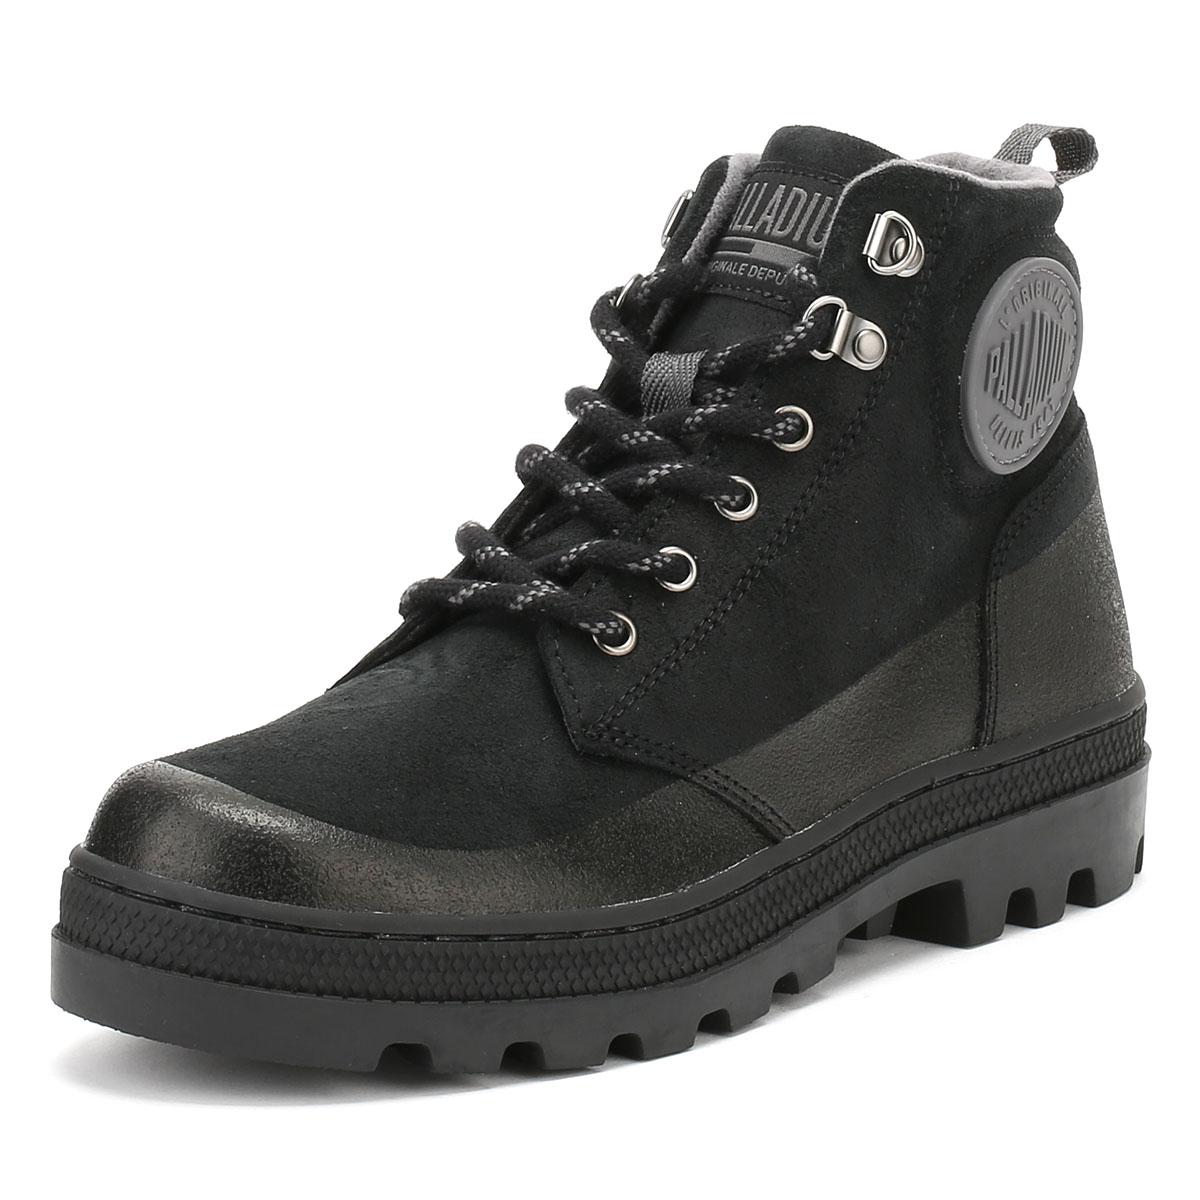 Palladium Mens schwarz or Braun Pallabosse Ankle HIKR Stiefel Suede Winter Ankle Pallabosse Schuhes ab40dd